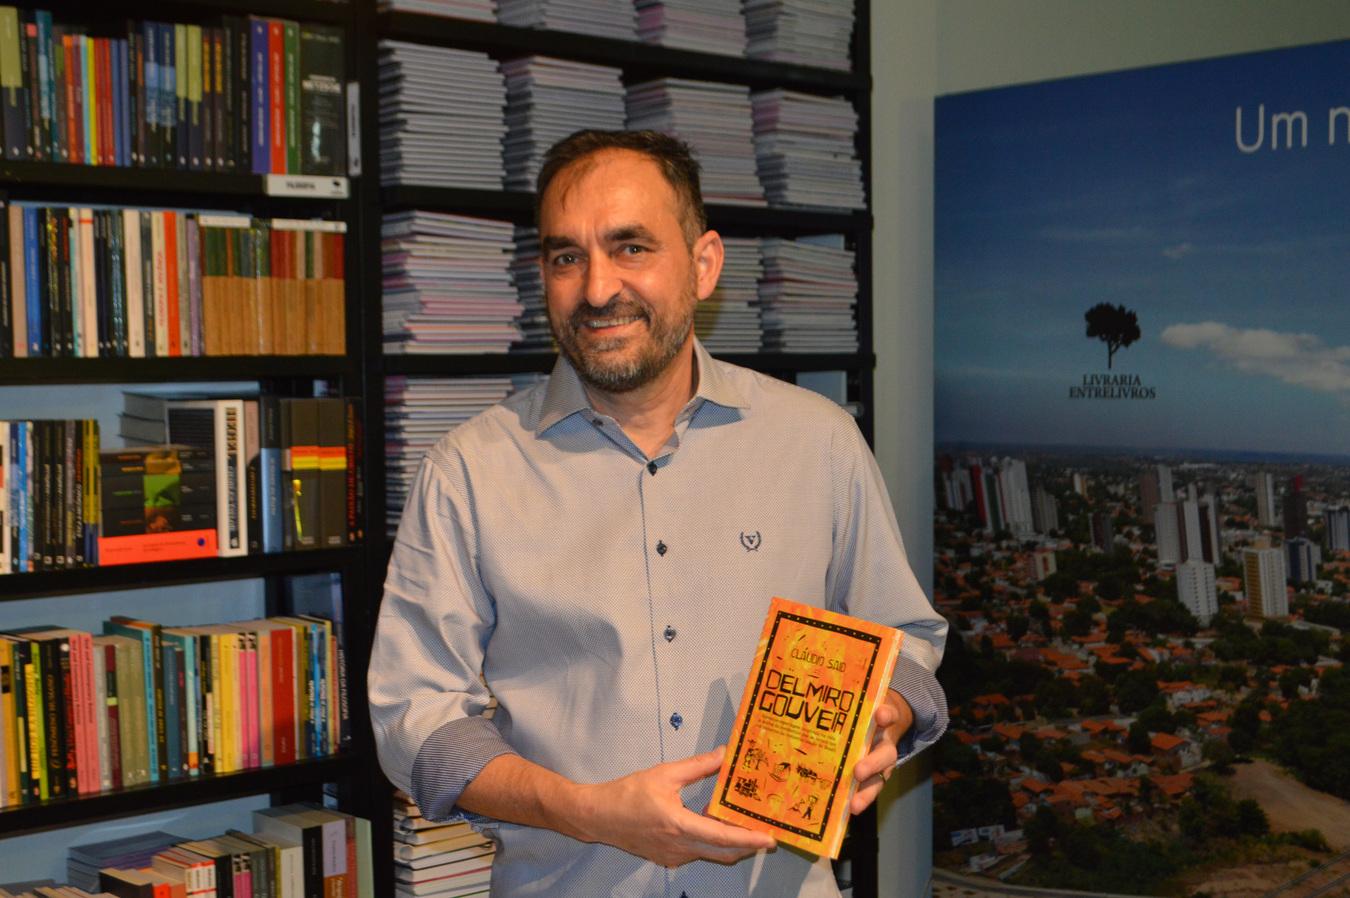 86db698158 Cláudio Said lança o livro  Delmiro Gouveia  em Teresina